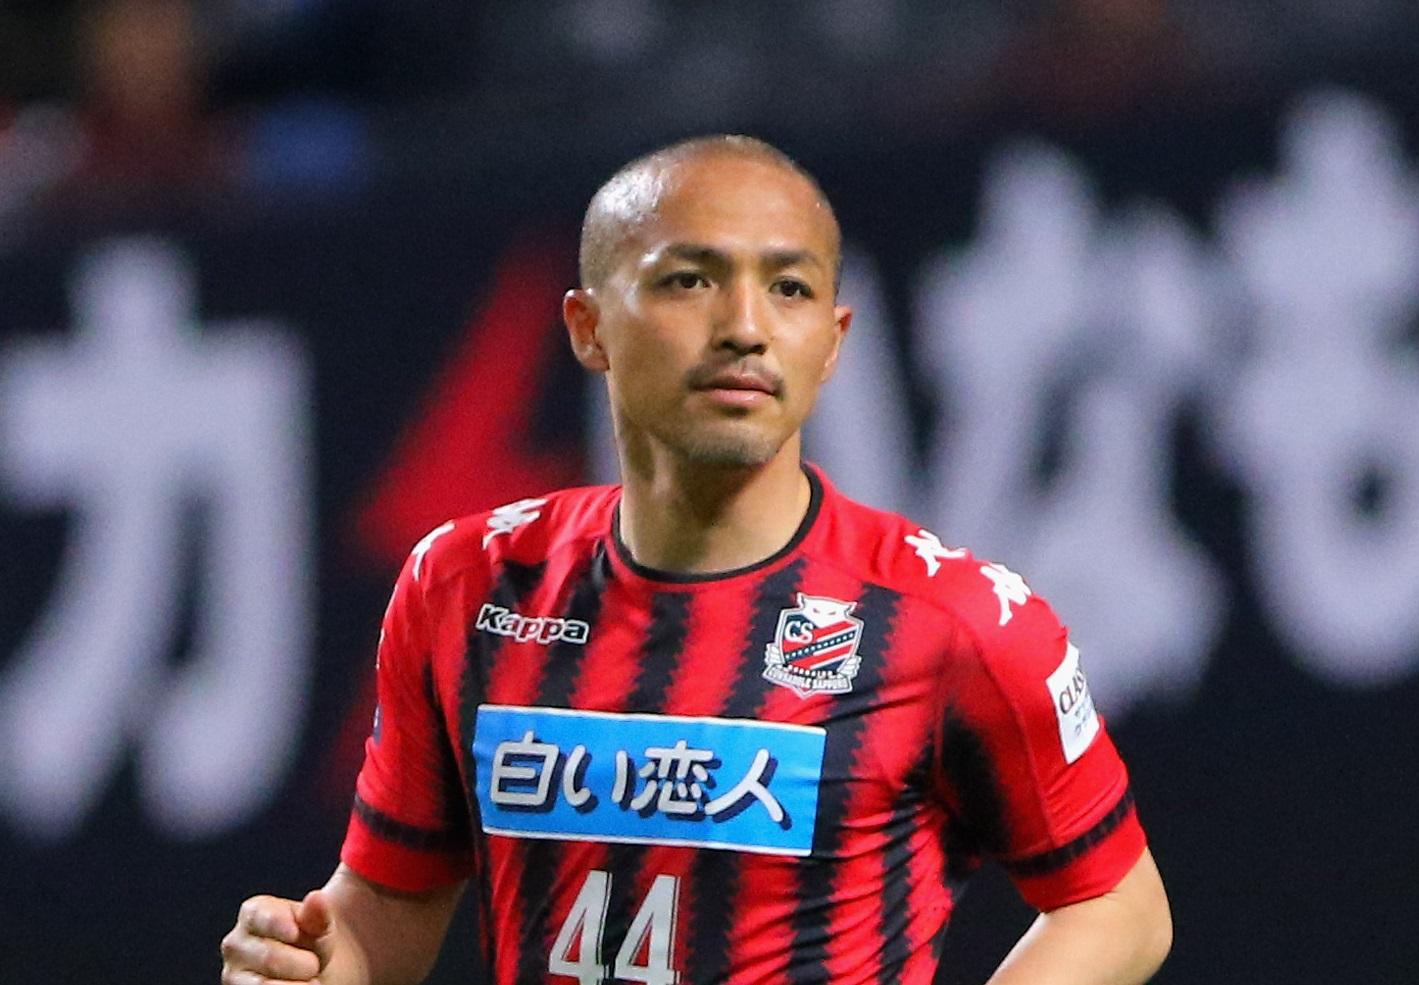 """天才""""小野伸二が認める才能 一緒に戦い楽しかった選手、「敵わない」と ..."""